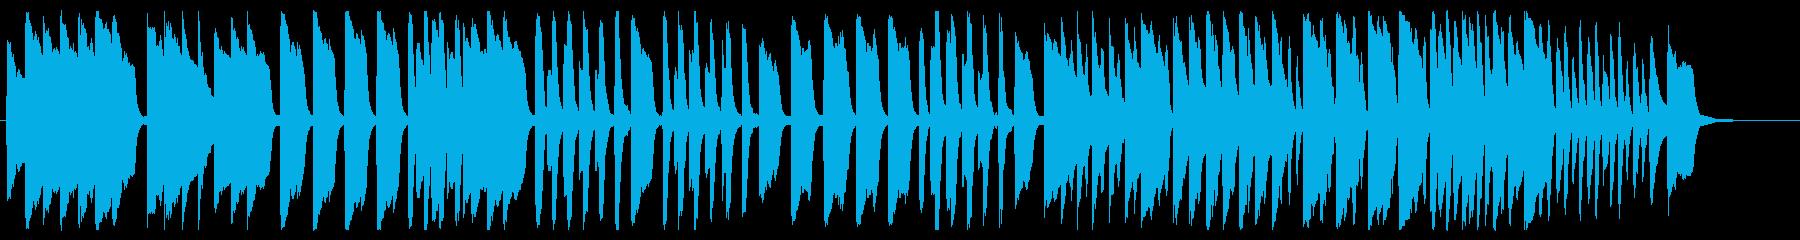 かえるの合唱 ピアノver.の再生済みの波形